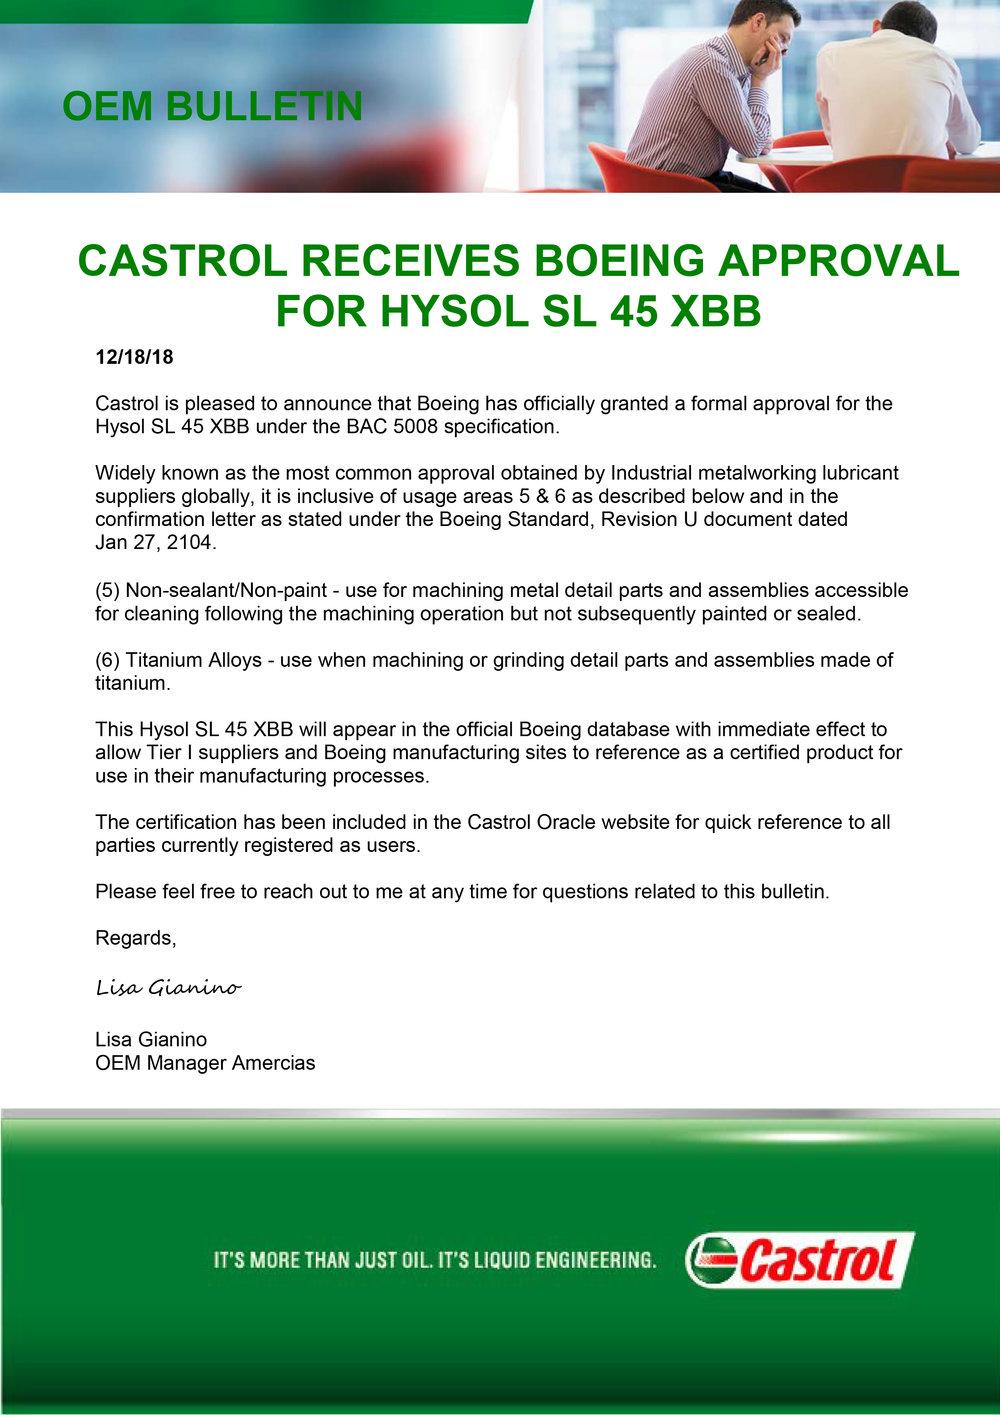 Boeing Hysol SL 45 XBB approval 121818.jpg